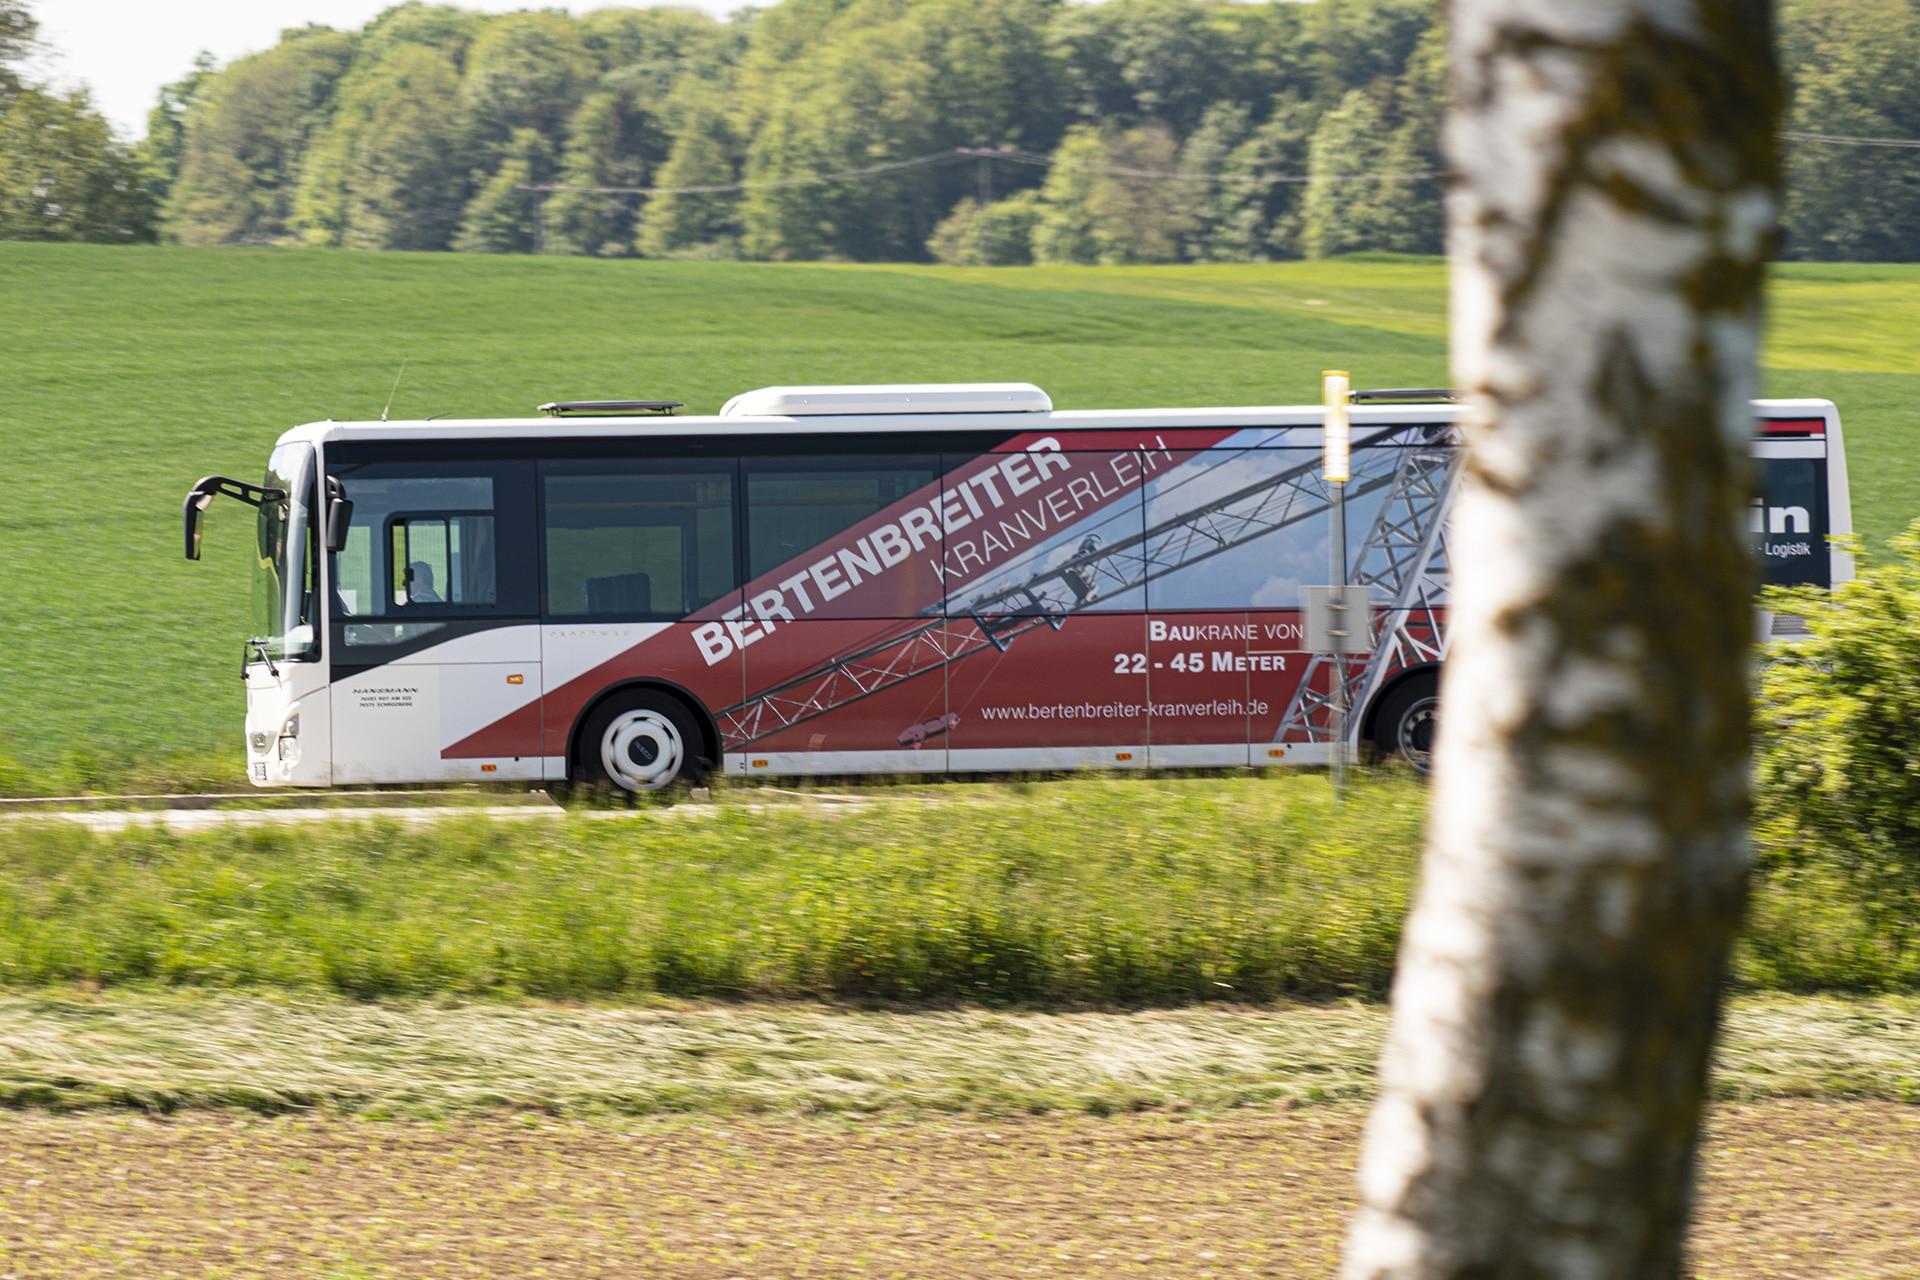 Werbung auf Linienbus für die Firma Bertenbreiter in Michelbach/Lücke